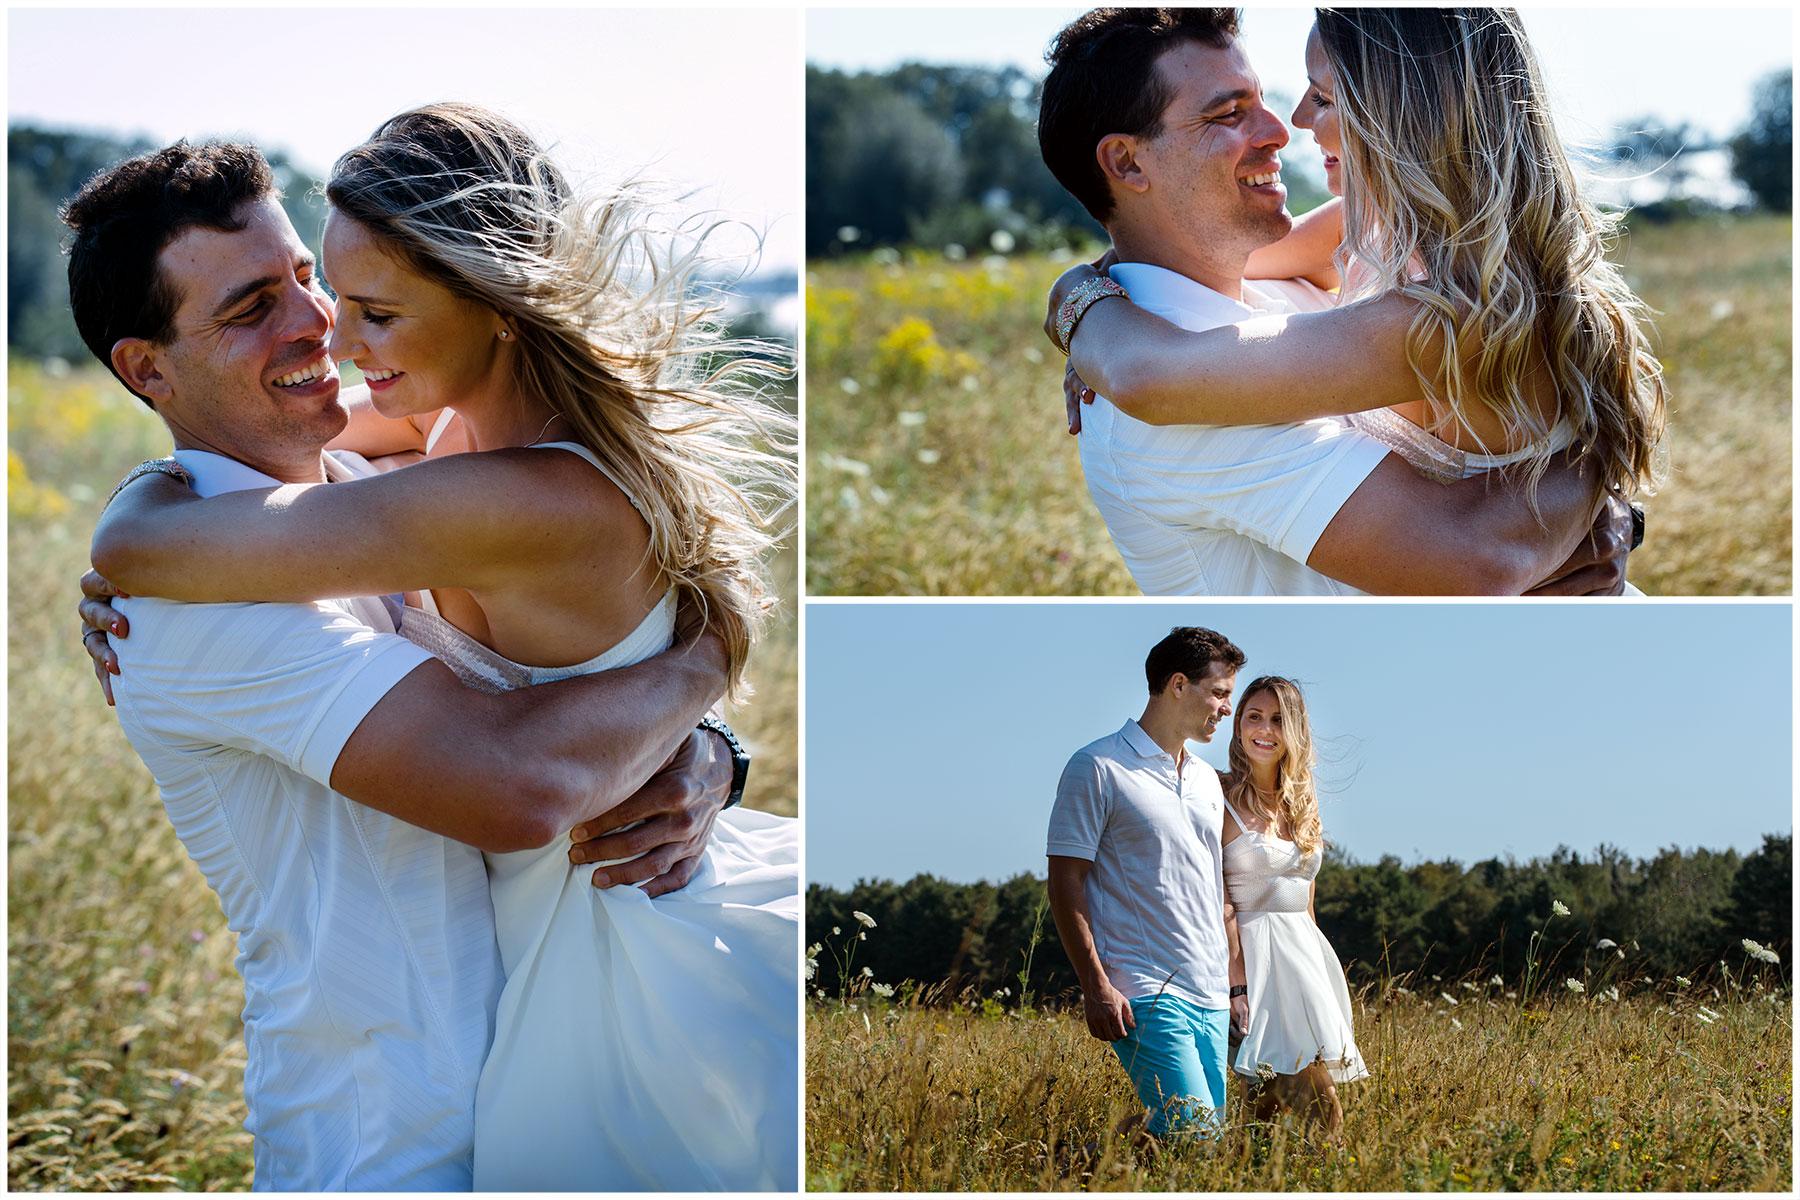 Maine Engagement Photographers - Peter Greeno